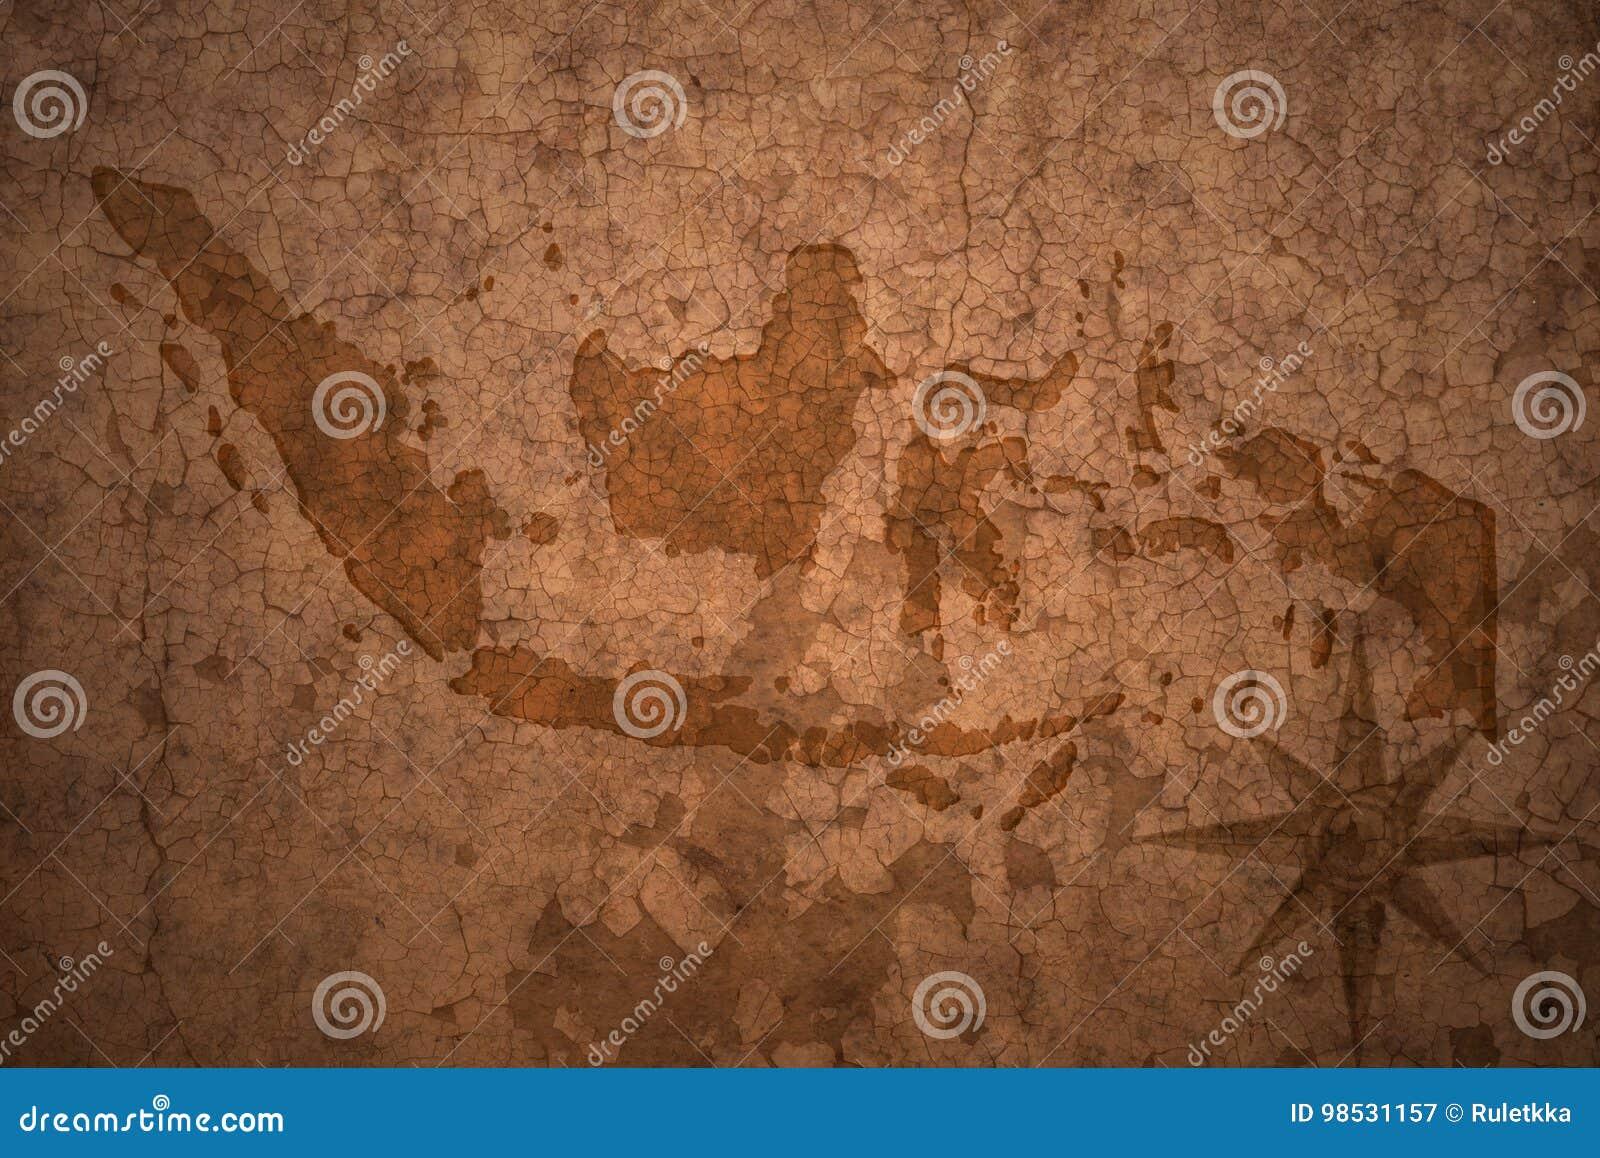 在葡萄酒纸背景的印度尼西亚地图